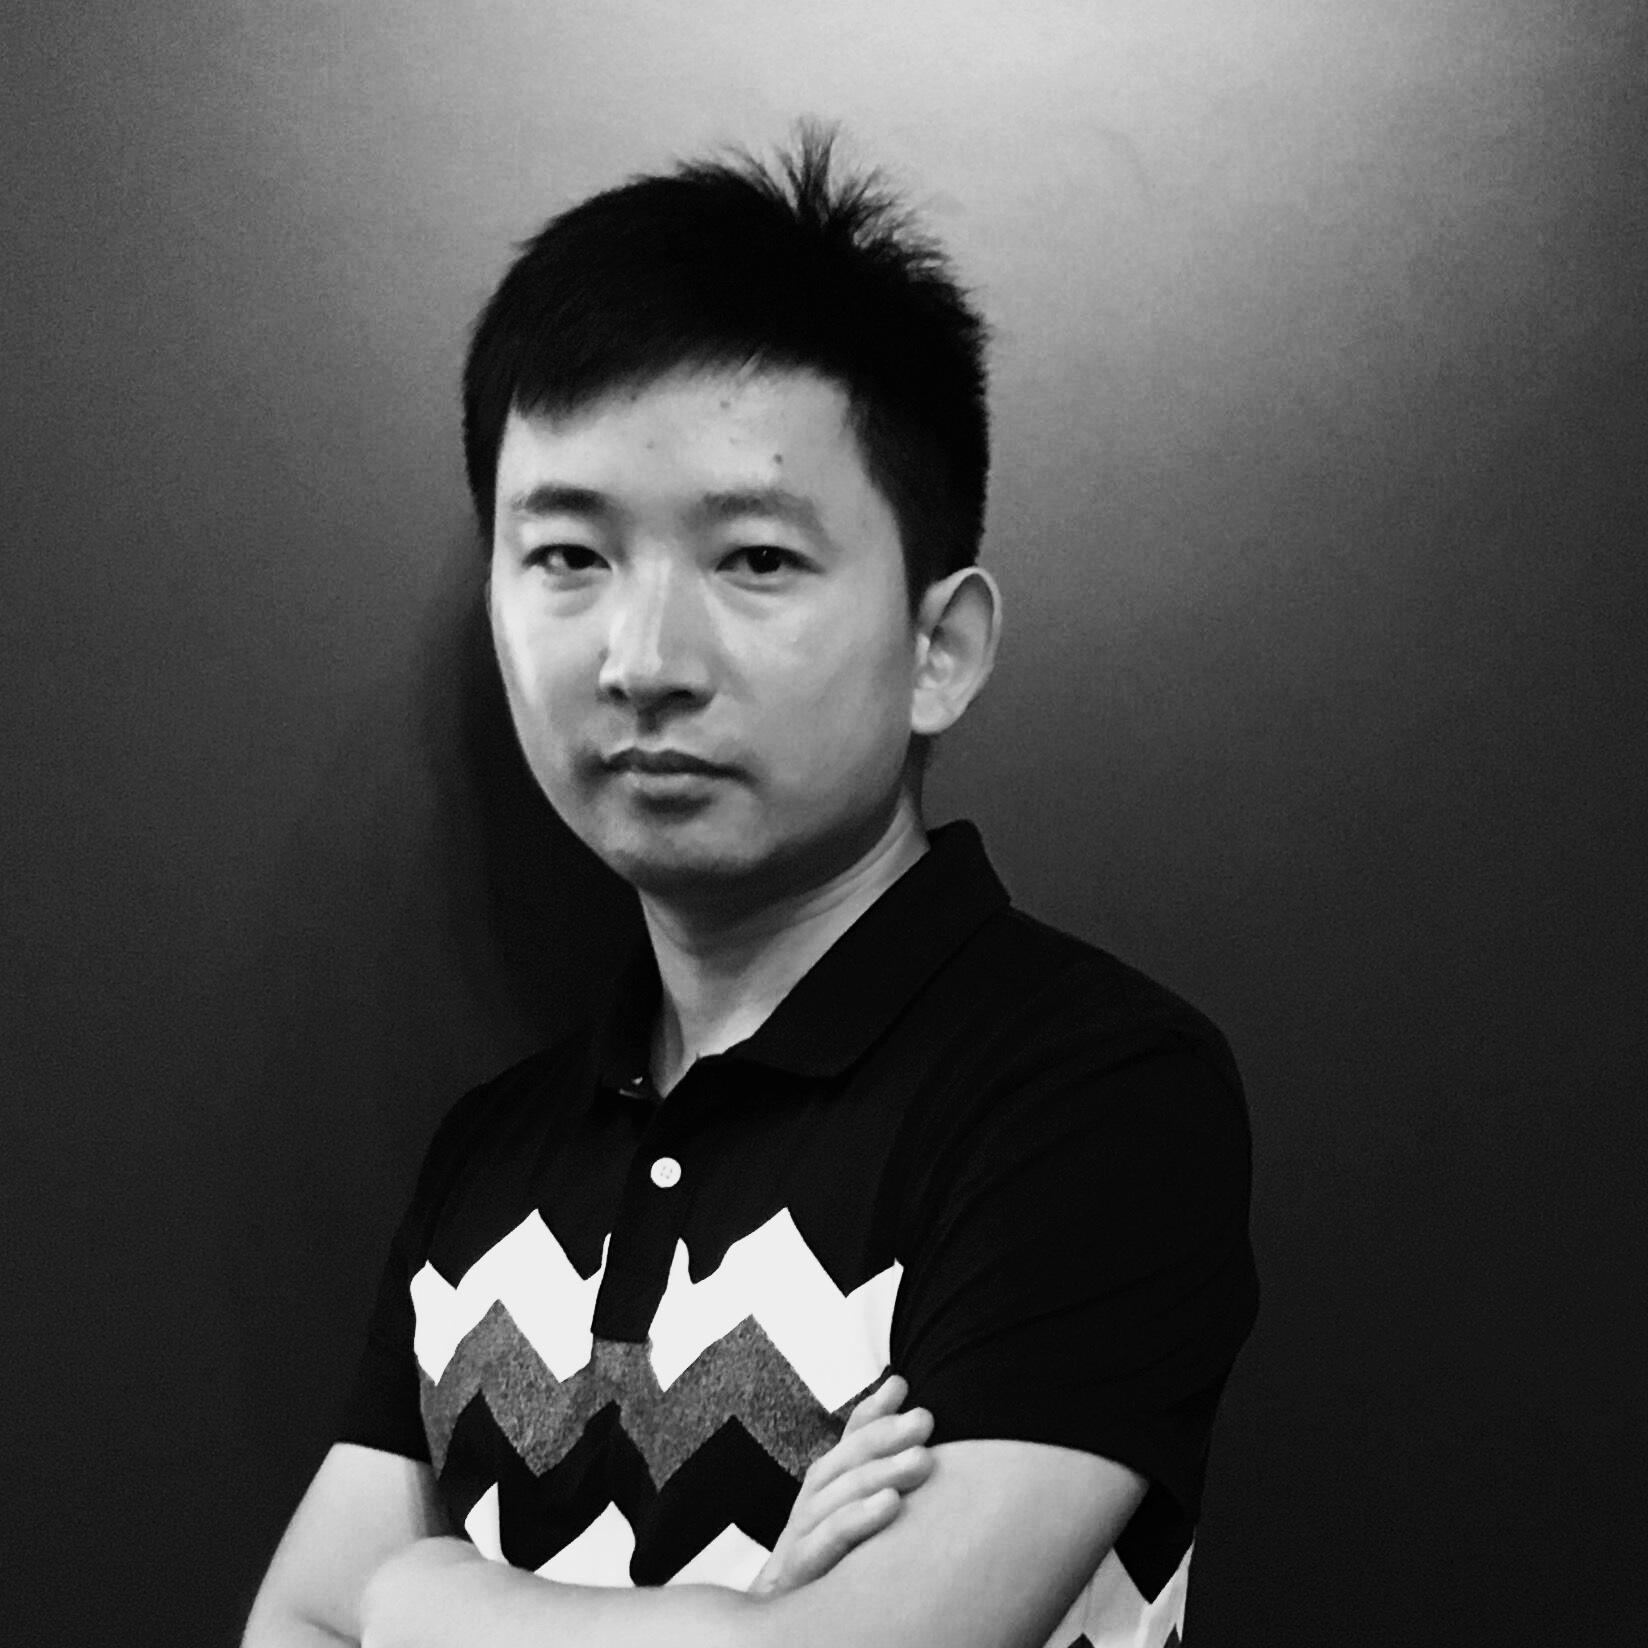 深圳领航装饰设计工程有限公司-宋文泰